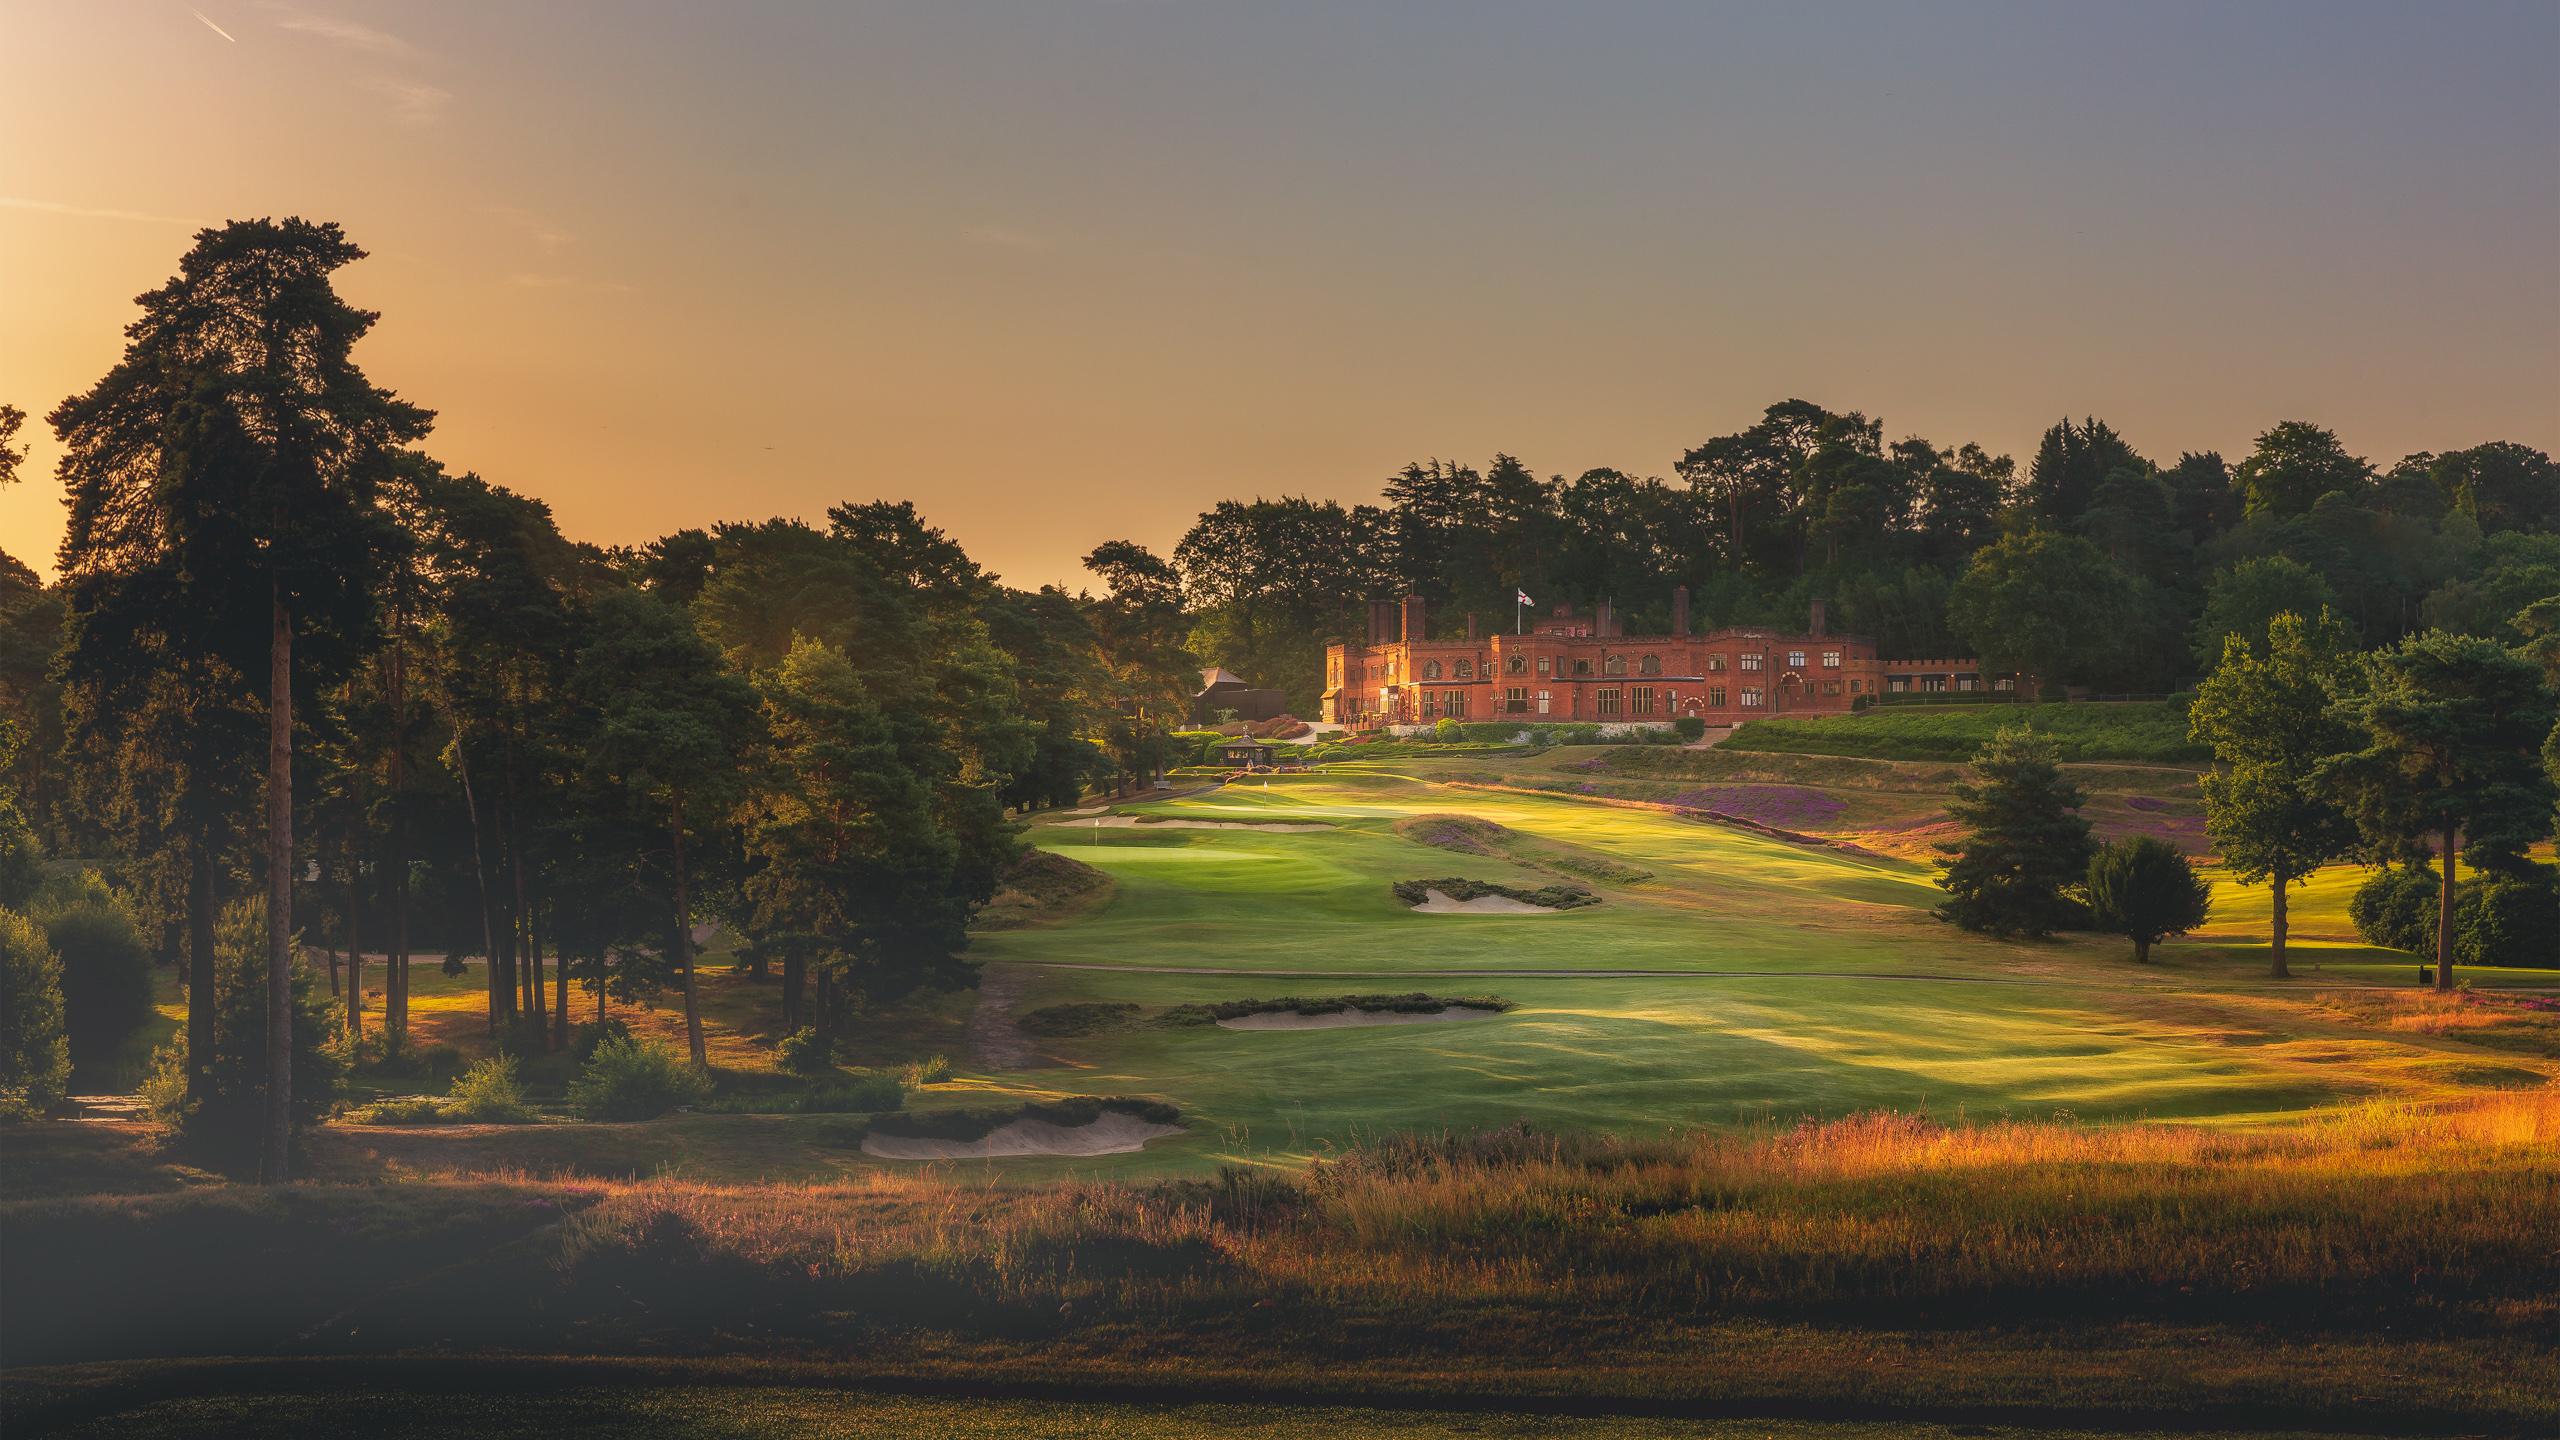 09th-Hole-St-Georges-Hill-Golf-Club-2481-Edit-2-Edit-3